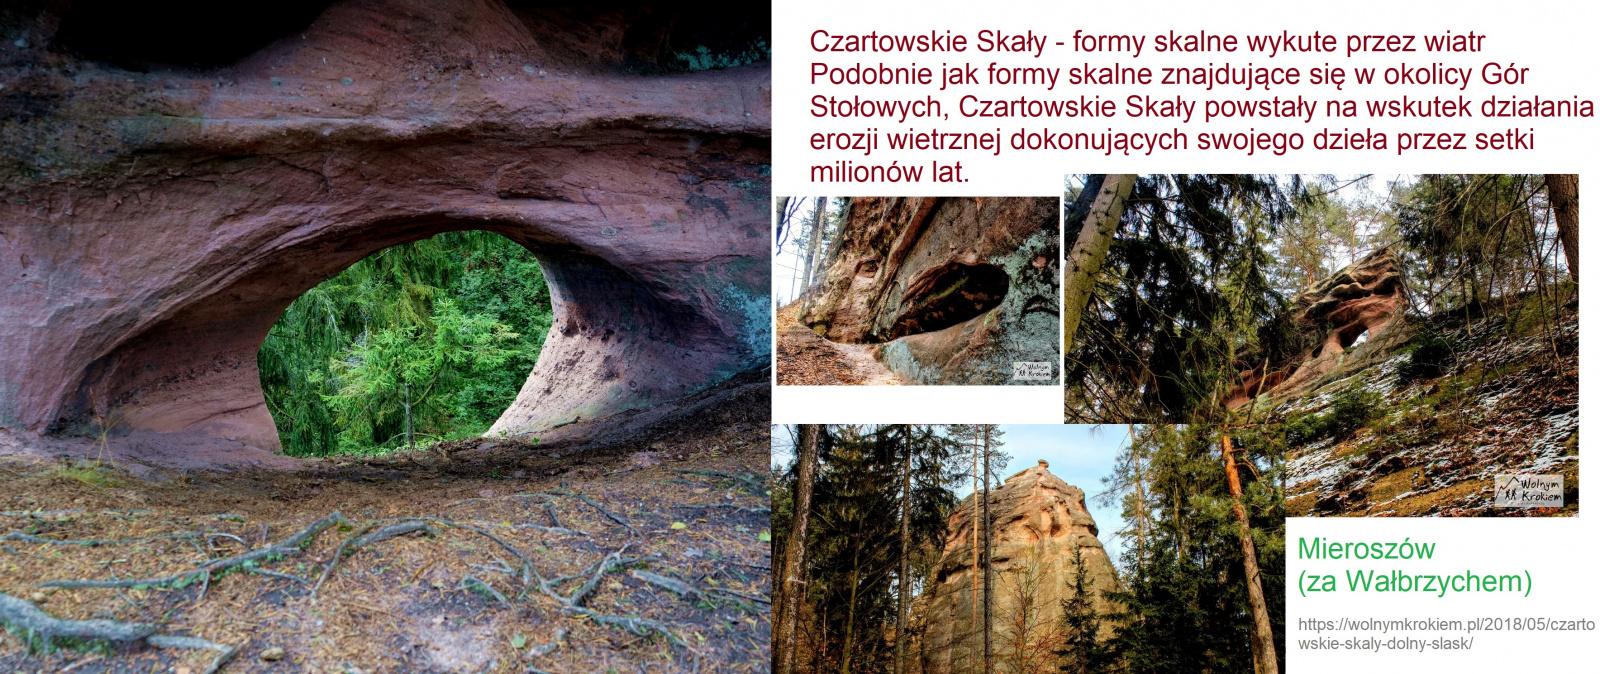 czartowskie_skaly_w_zaworach.jpg